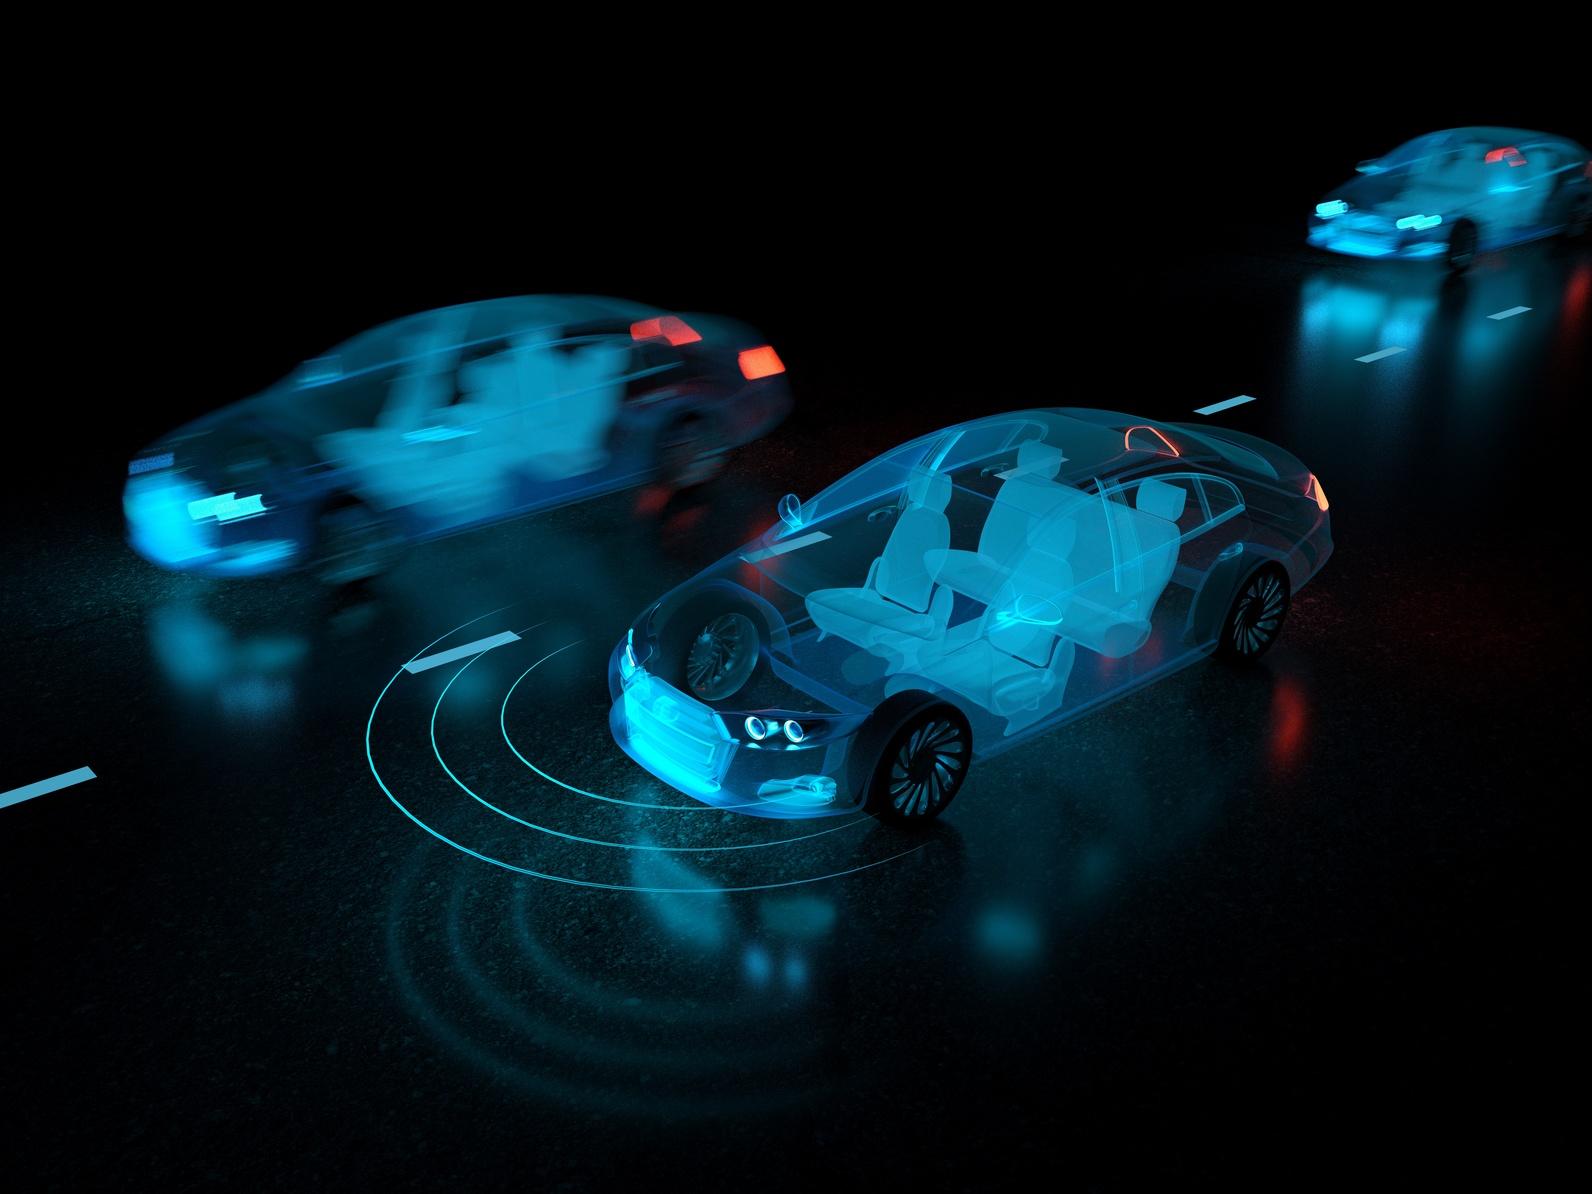 Waymo begins driverless car service - Accenture Insurance Blog